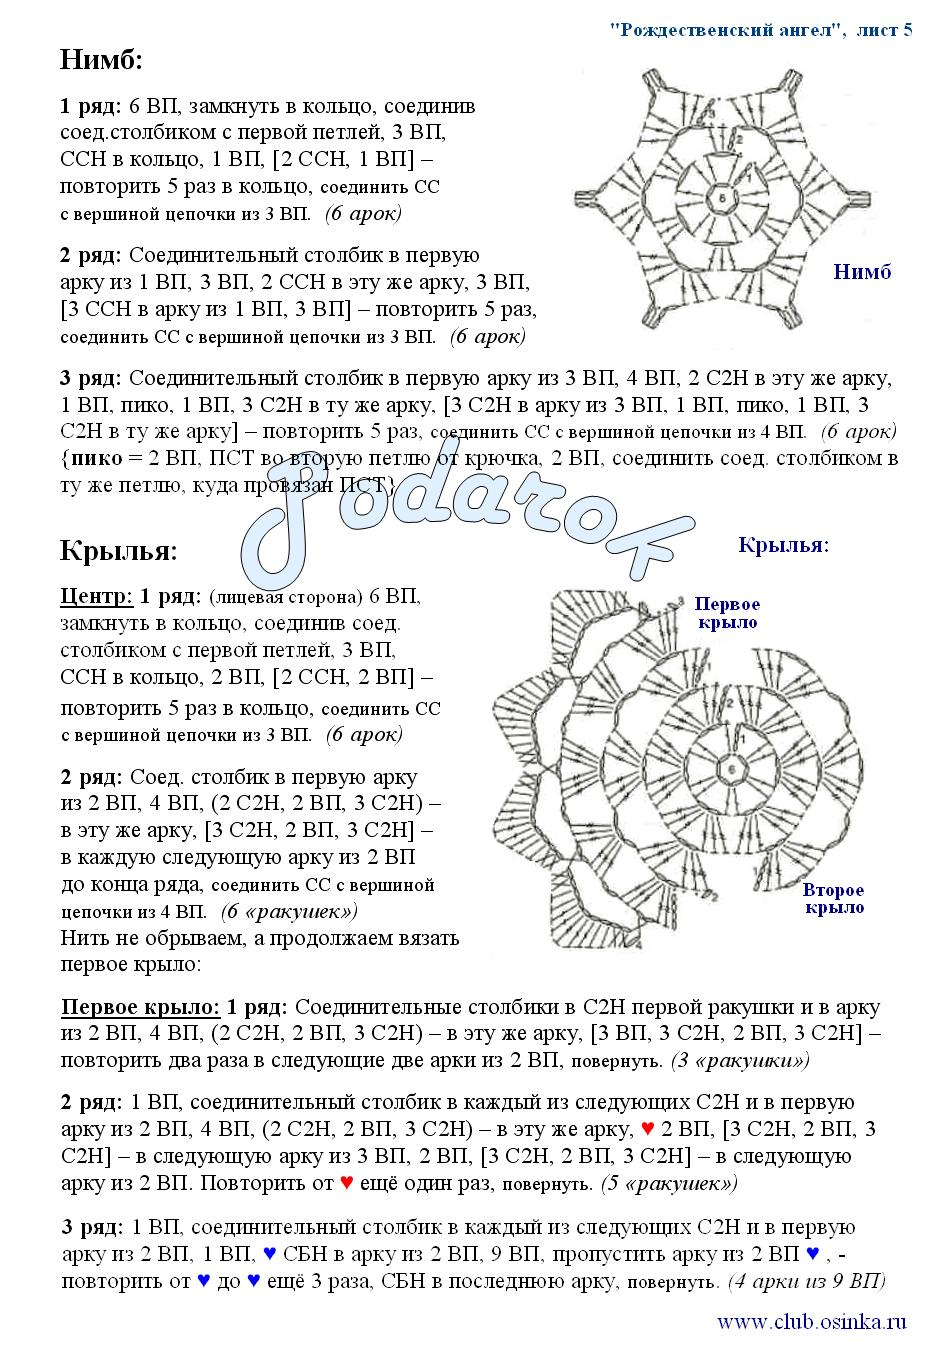 http://img-fotki.yandex.ru/get/4507/podaroknatka.2c/0_3fcc7_f004ebd4_orig.jpg